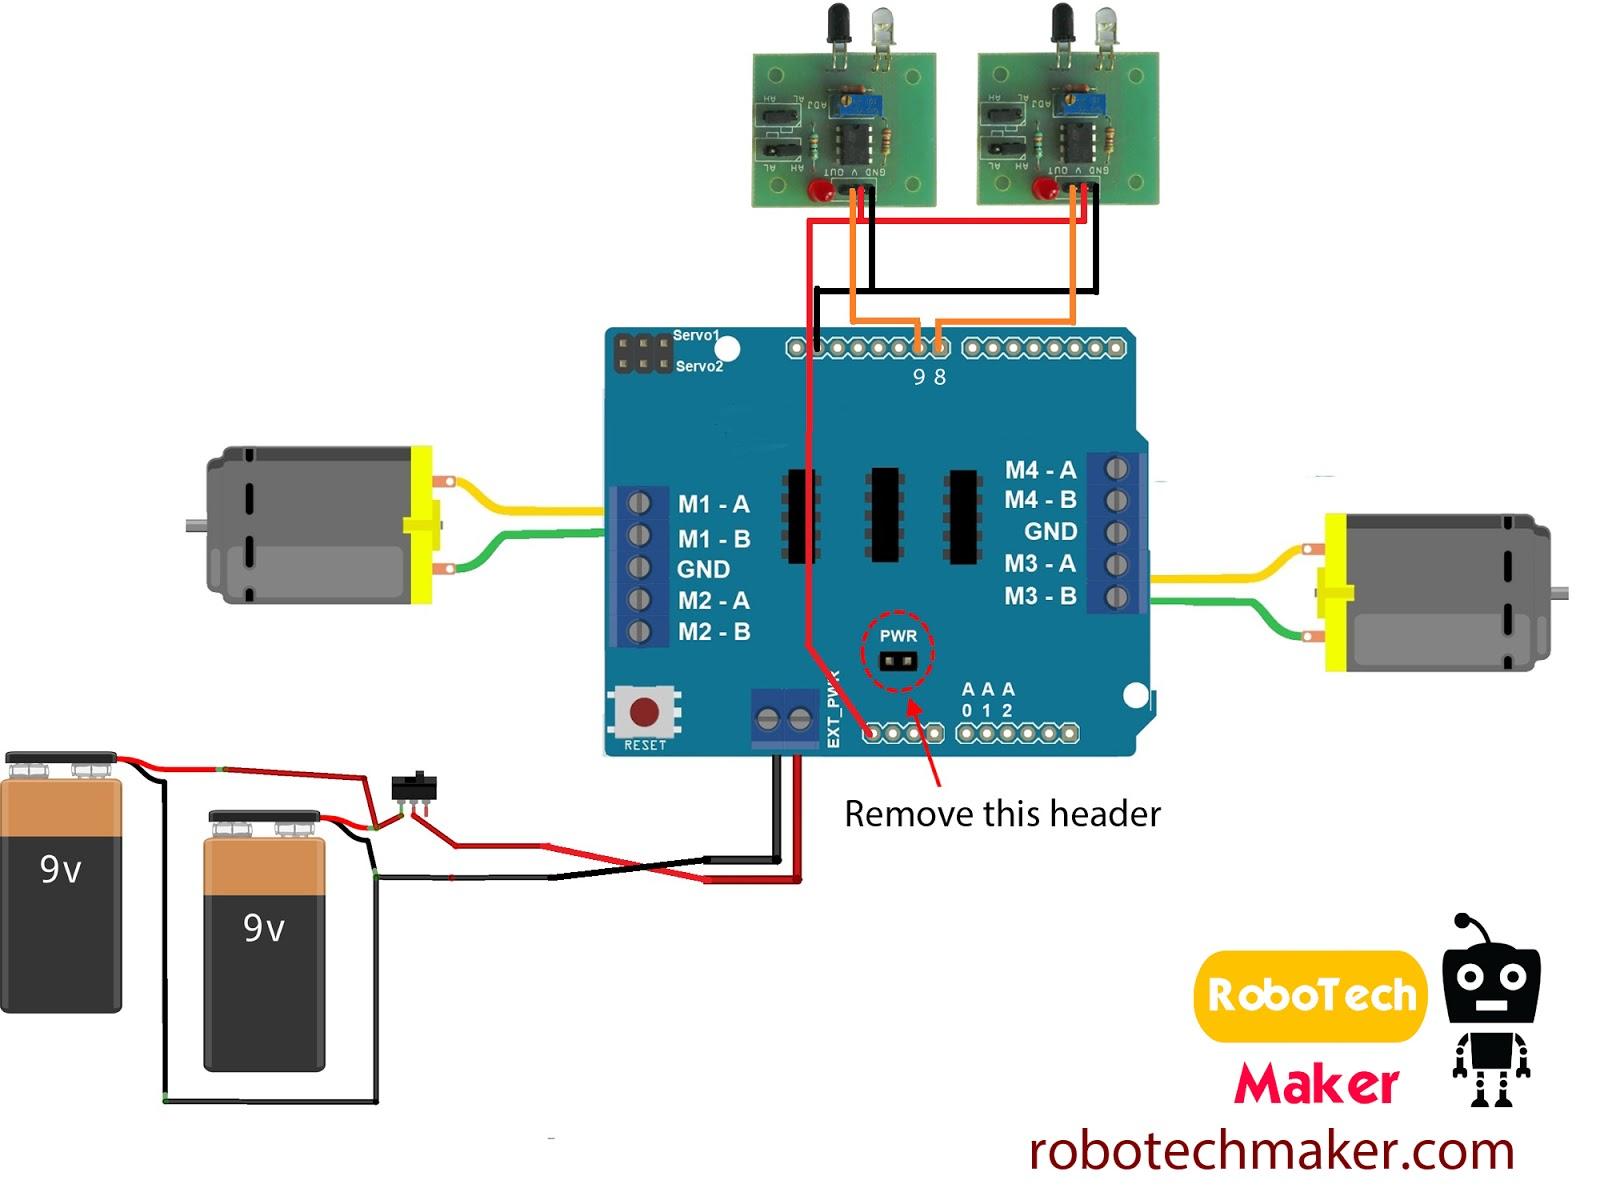 robot wiring diagrams wiring diagram posttoy robot wiring diagram wiring diagram view robot wiring diagrams [ 1600 x 1200 Pixel ]